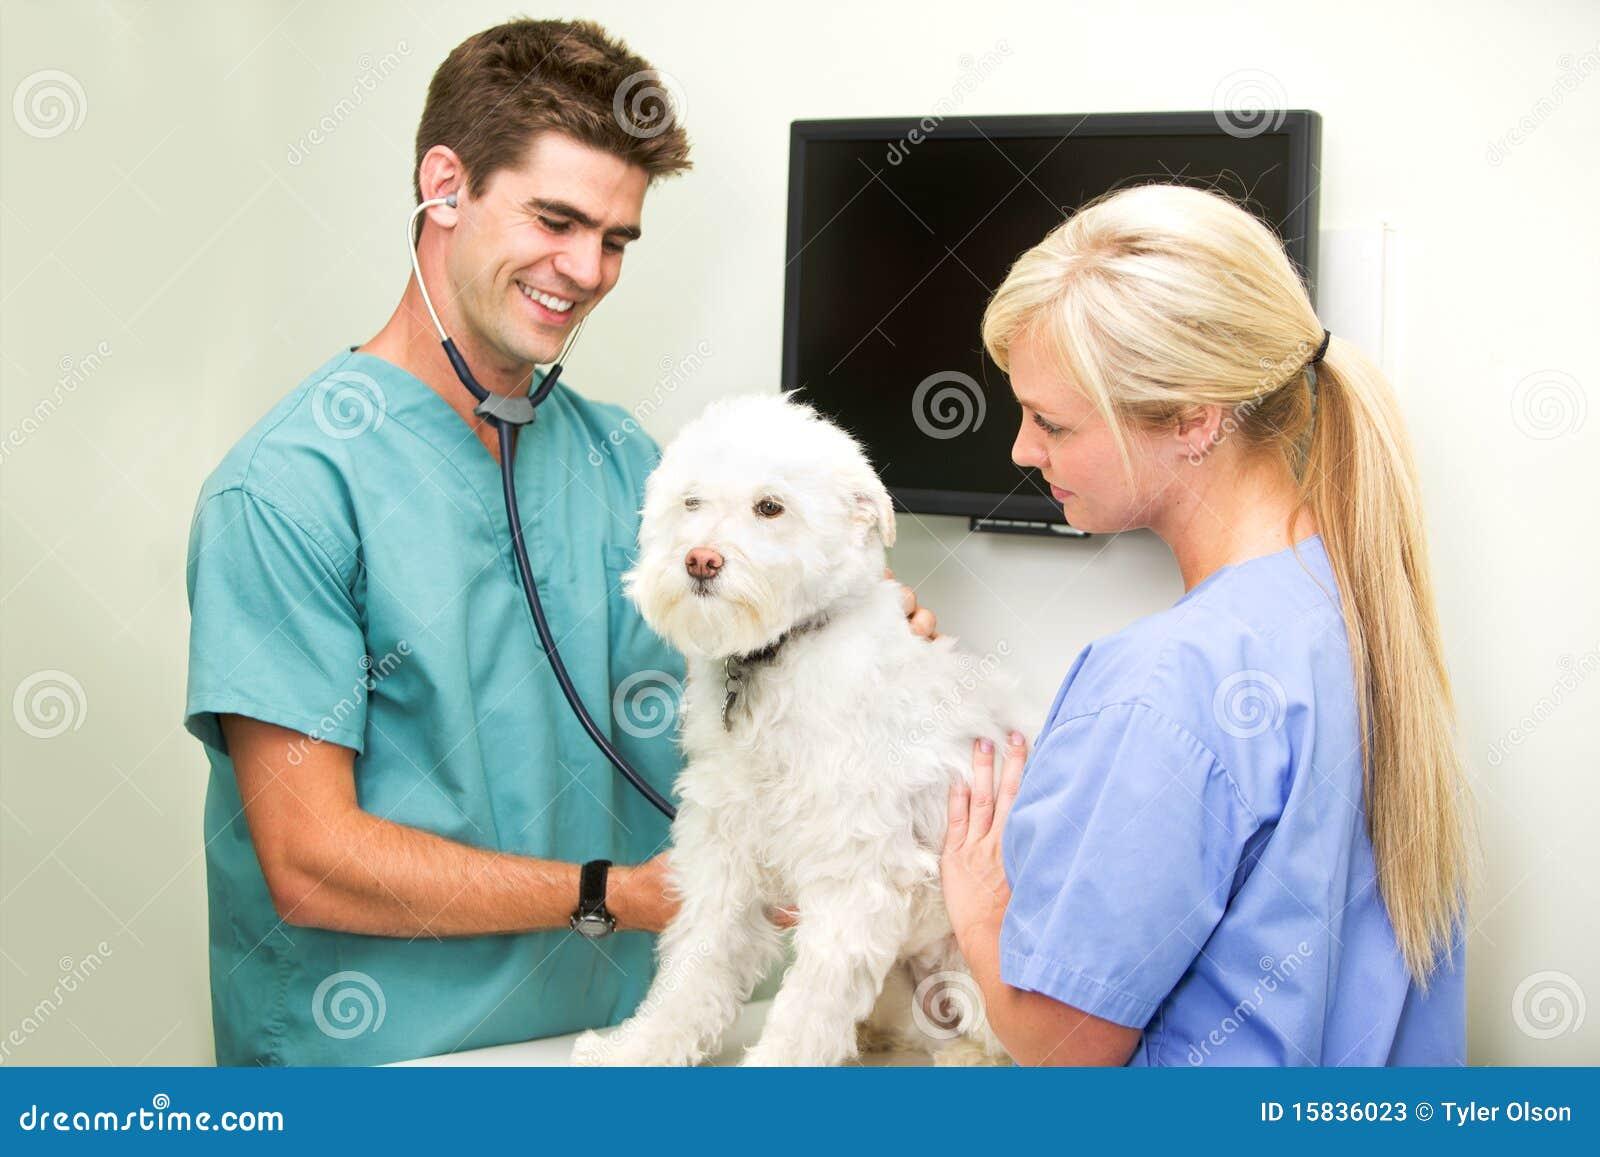 Chequeo del veterinario